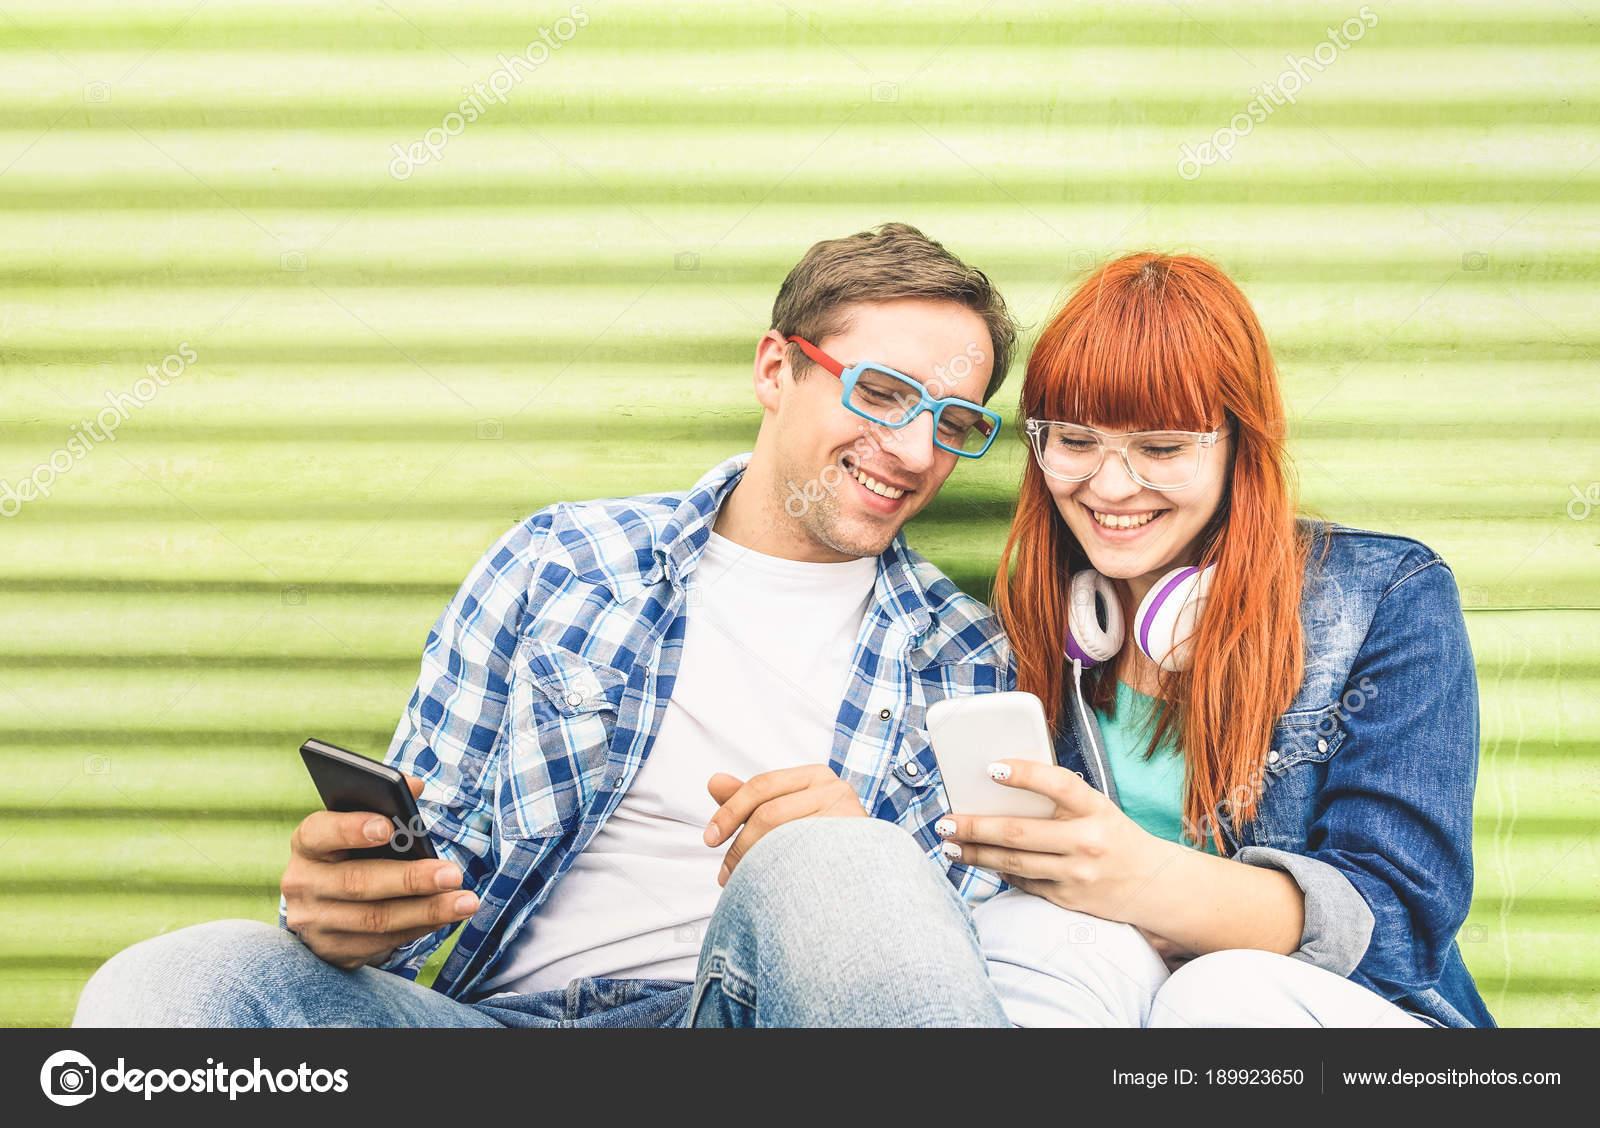 serwis randkowy pobierz agencję cyrano